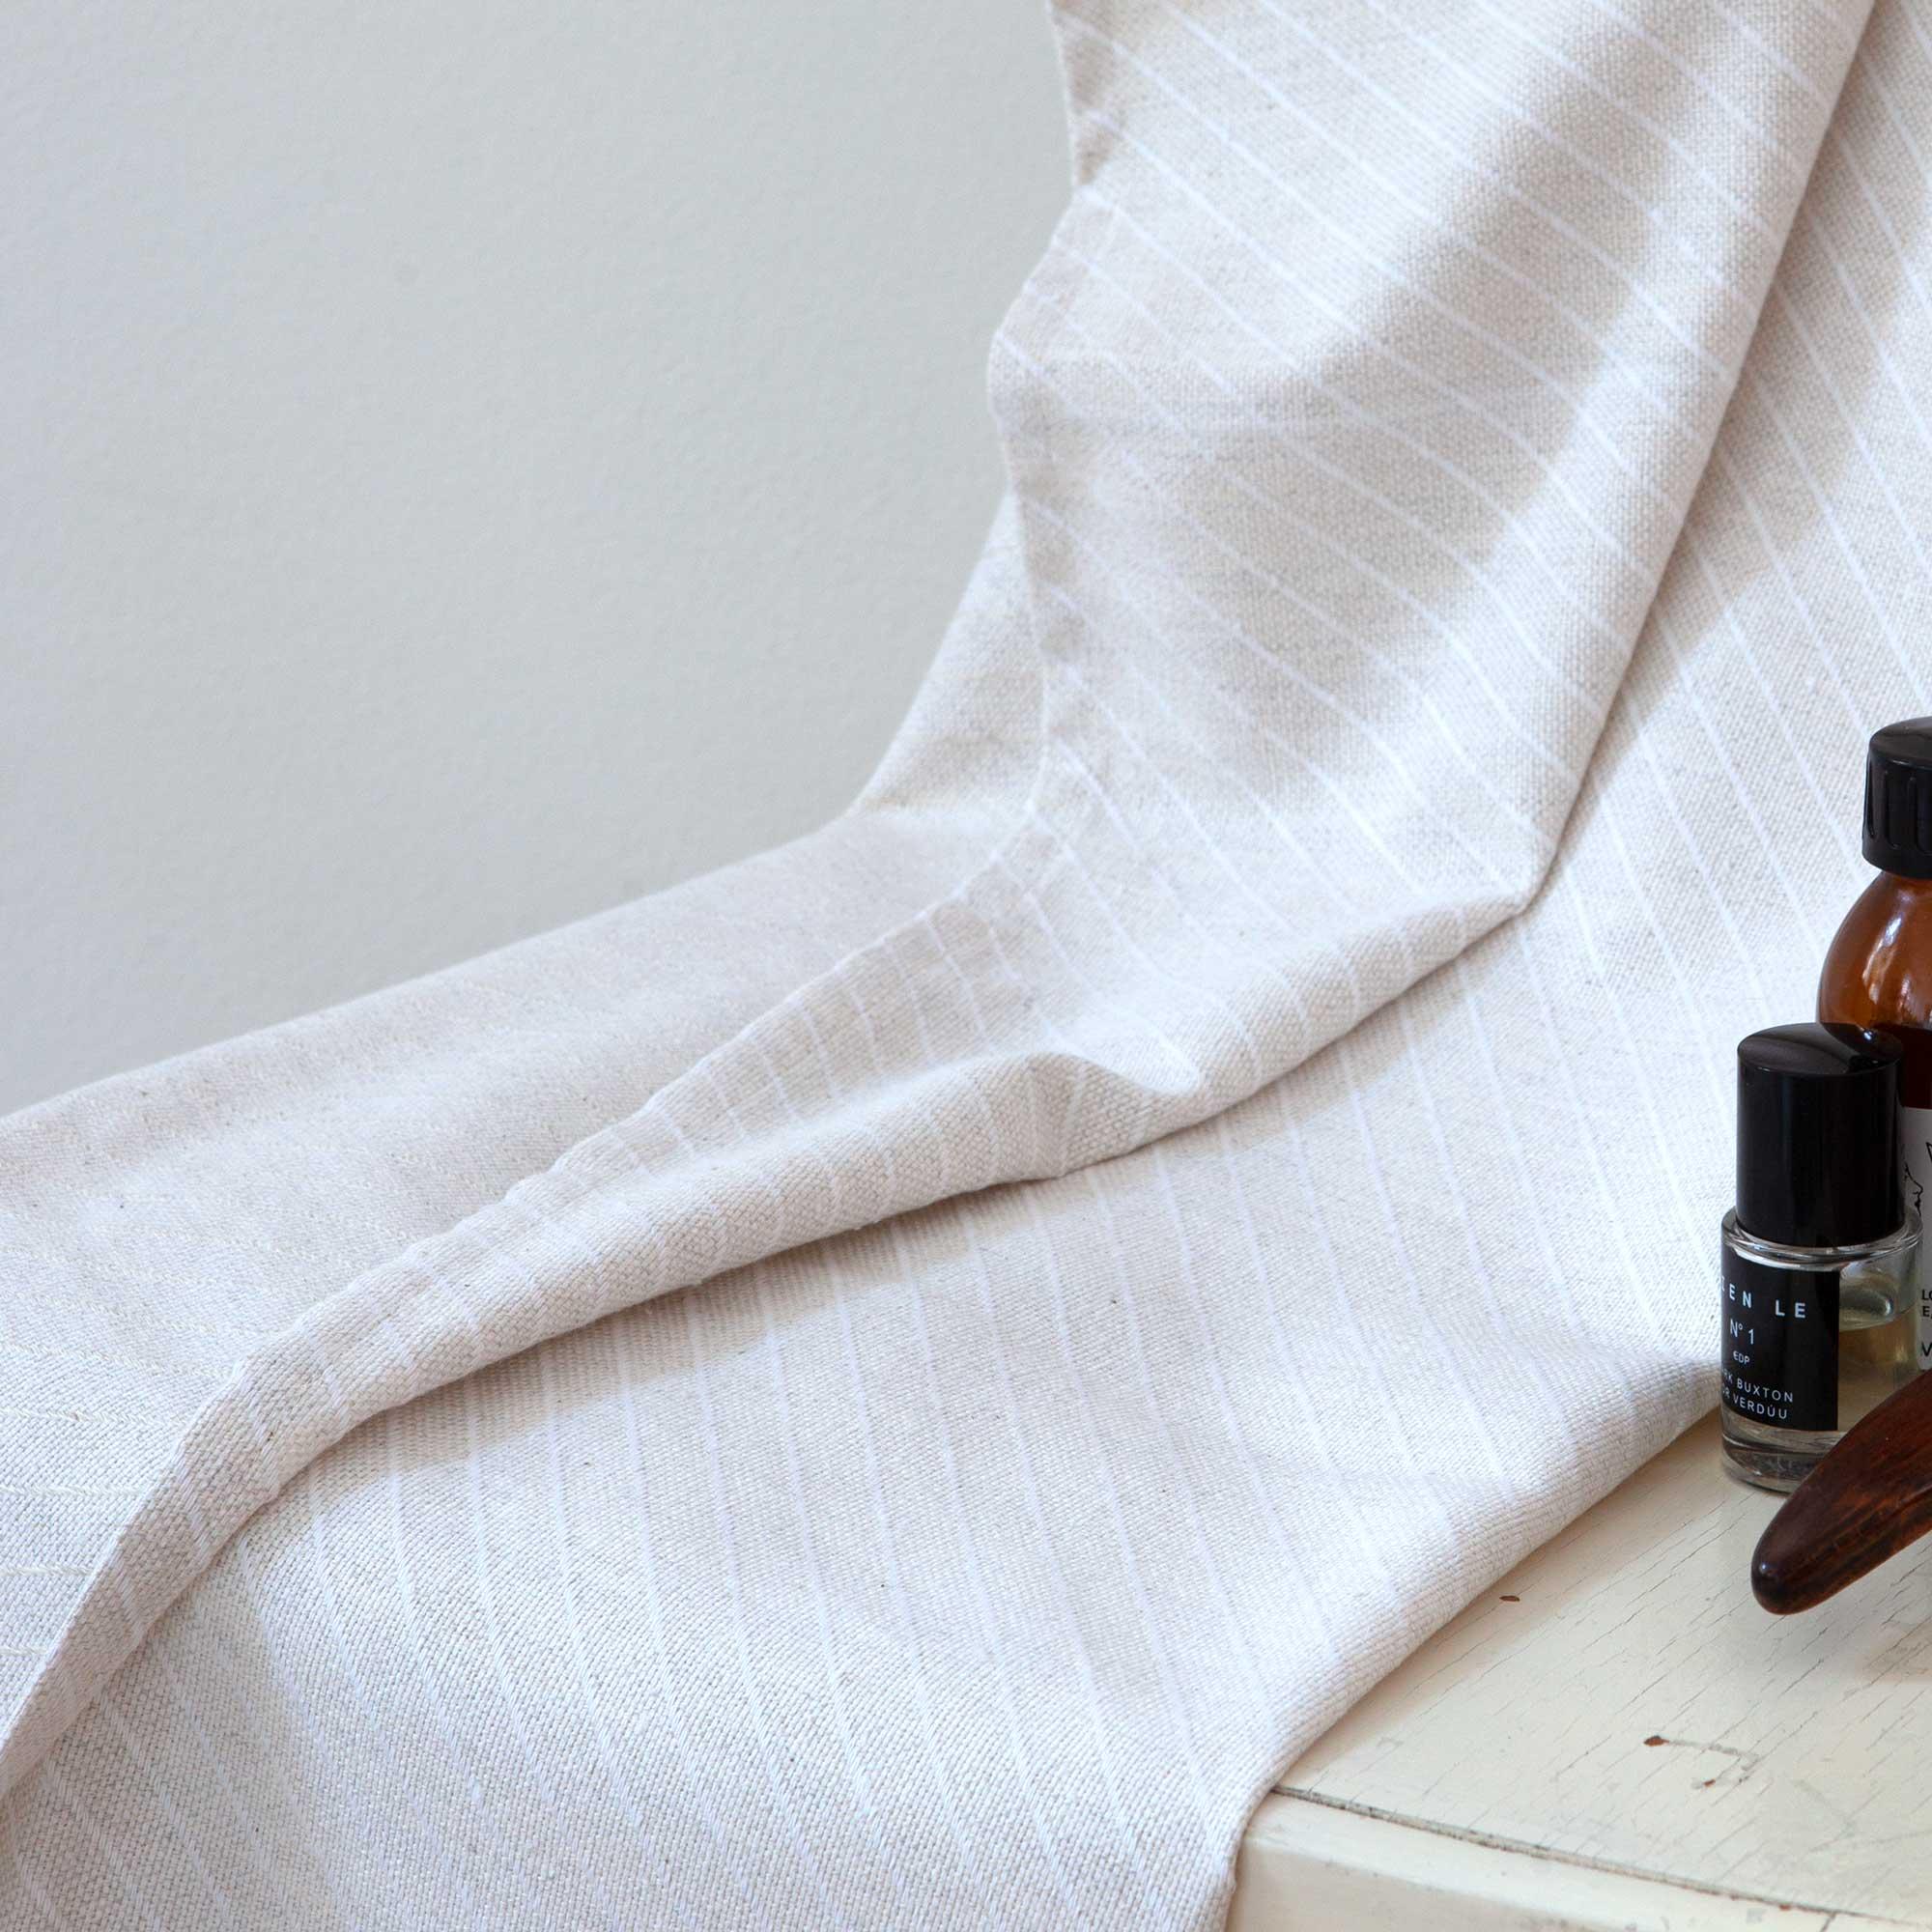 Bath towel, Stripes, 100% cotton, by RosenbergCph